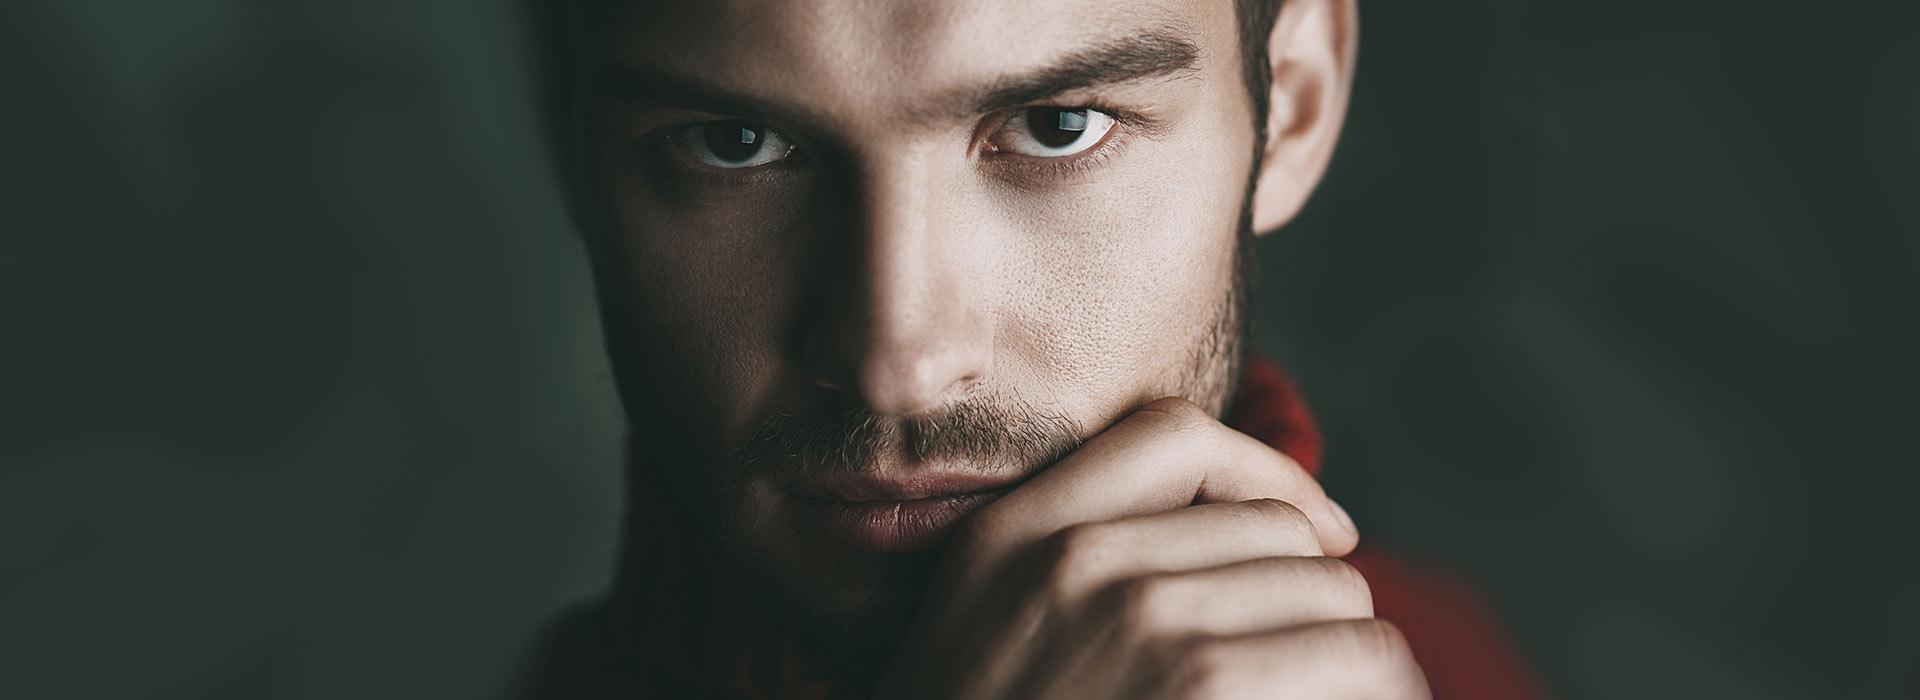 Gerade bei Kälte kann Männerhaut schnell rau, trocken und spröde werden.